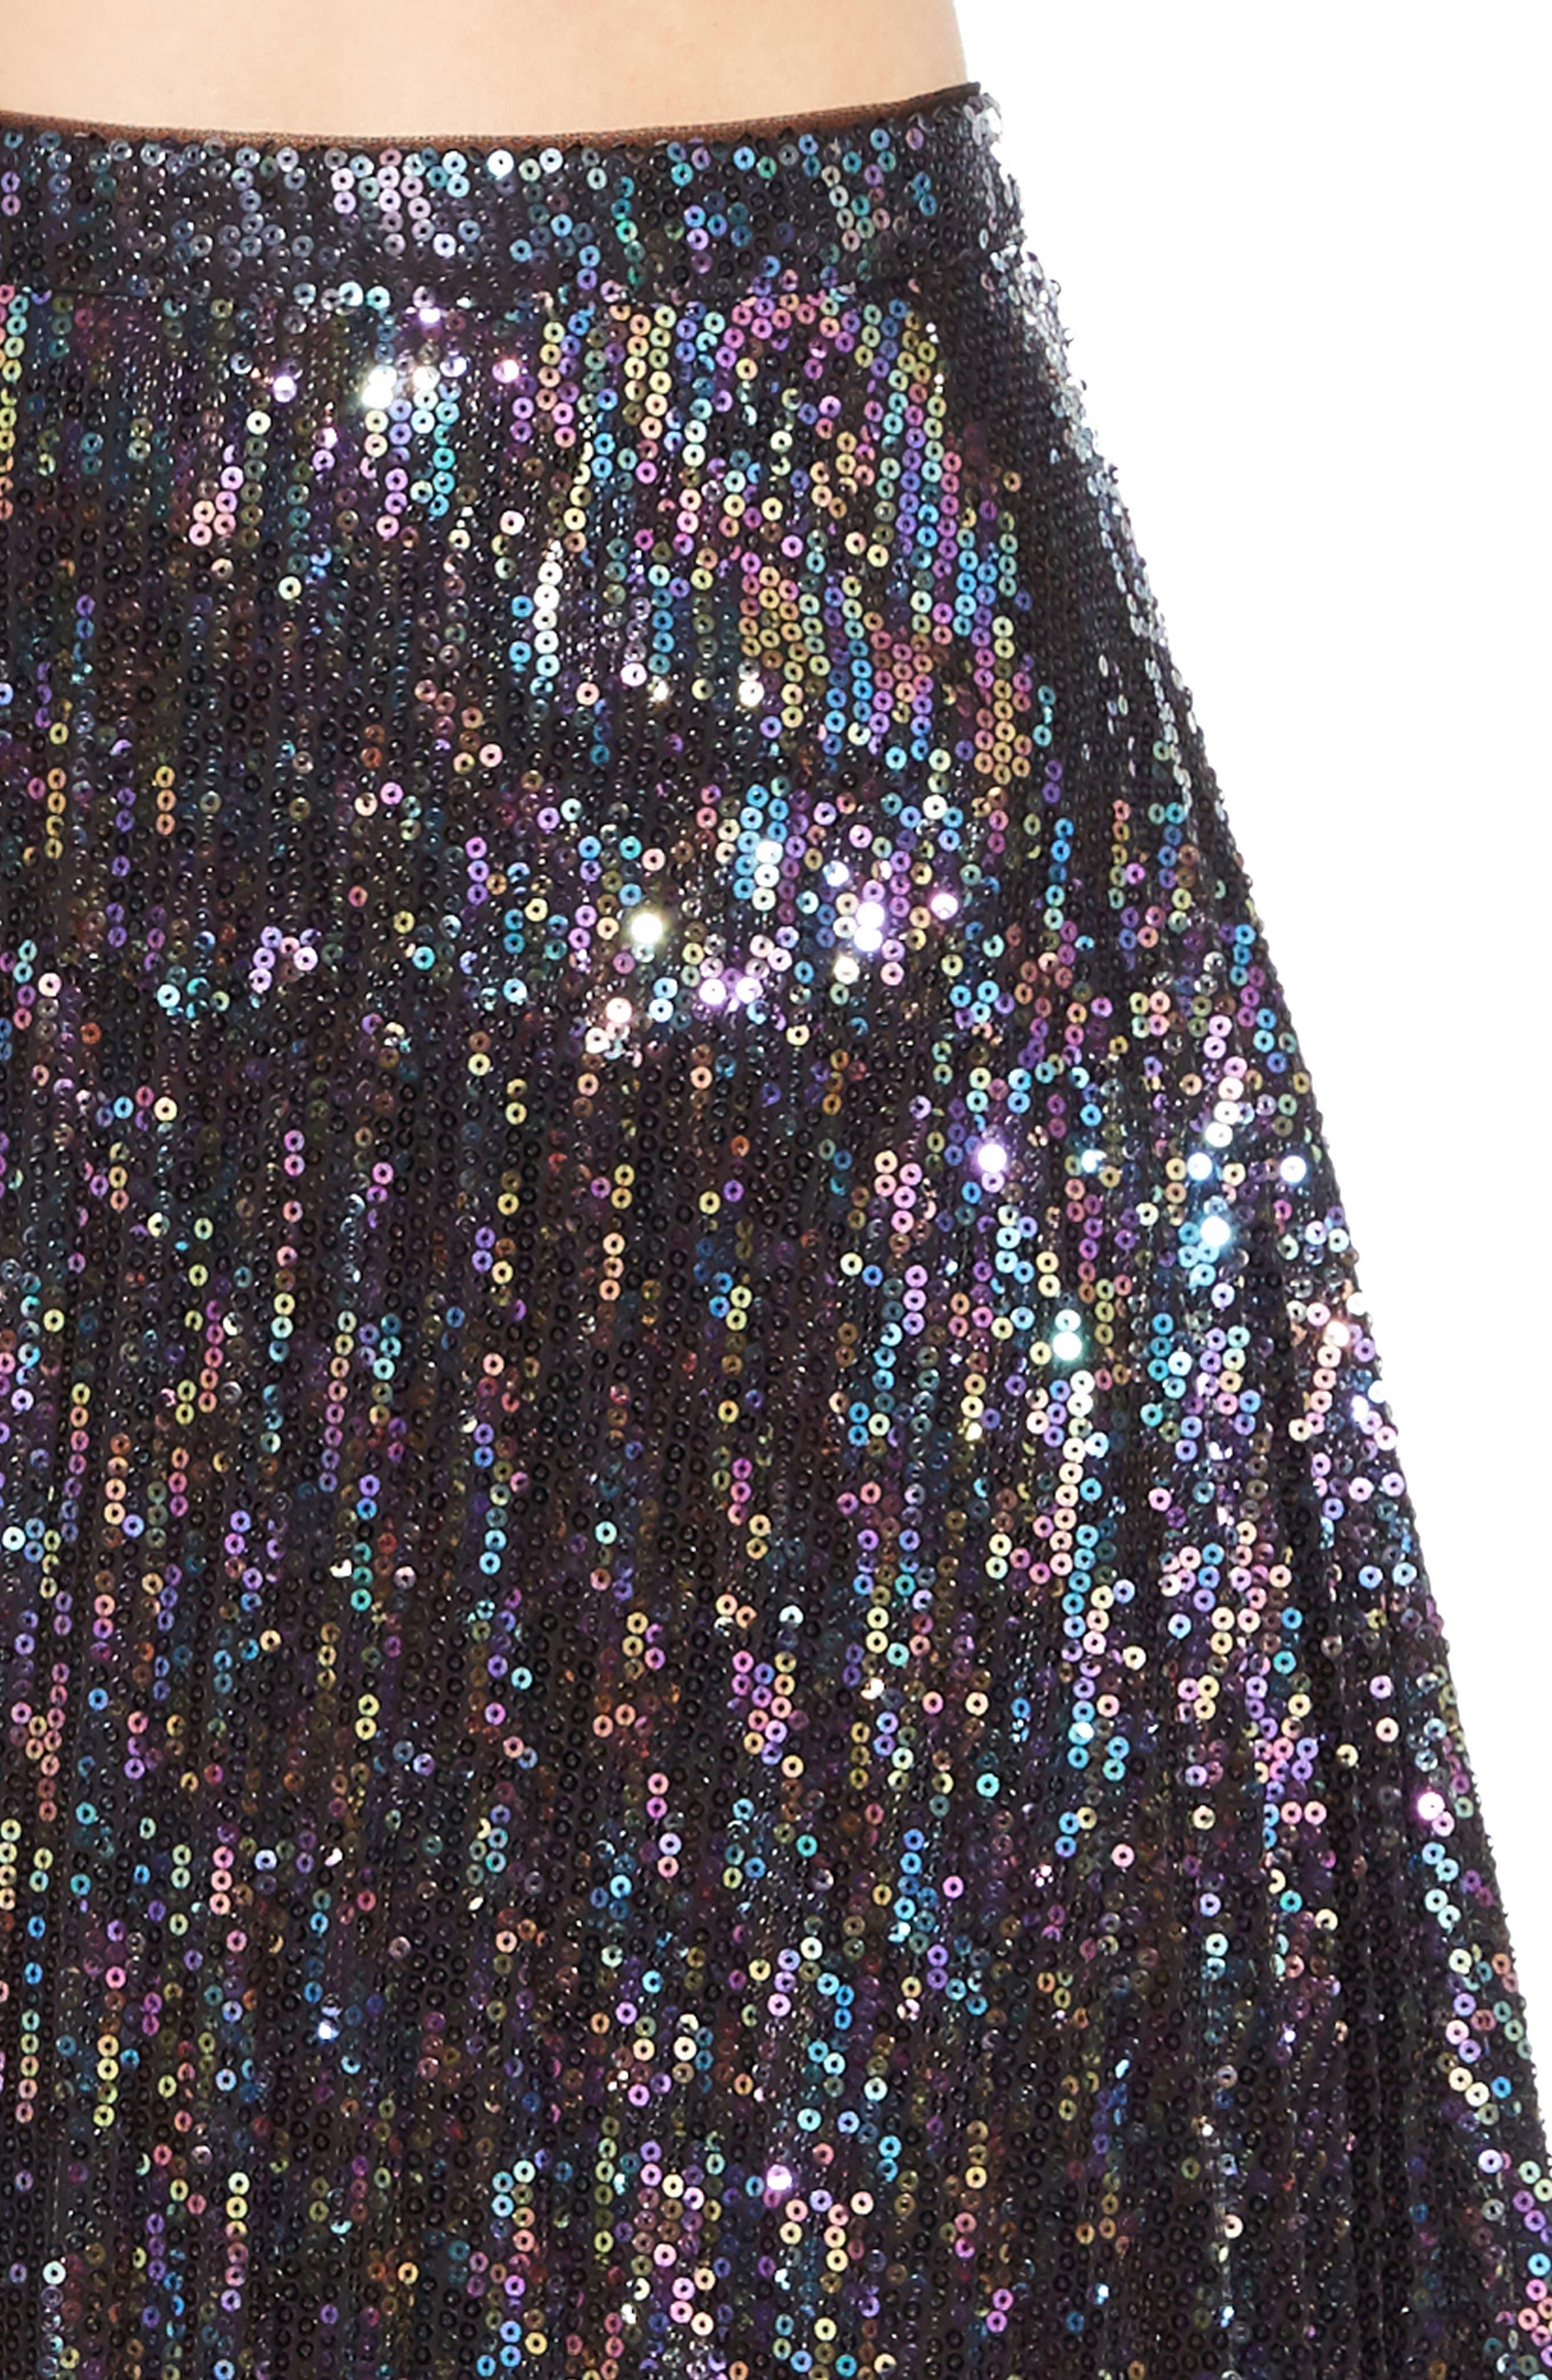 Citrine Sequin Skirt,                             Alternate thumbnail 4, color,                             PETROL